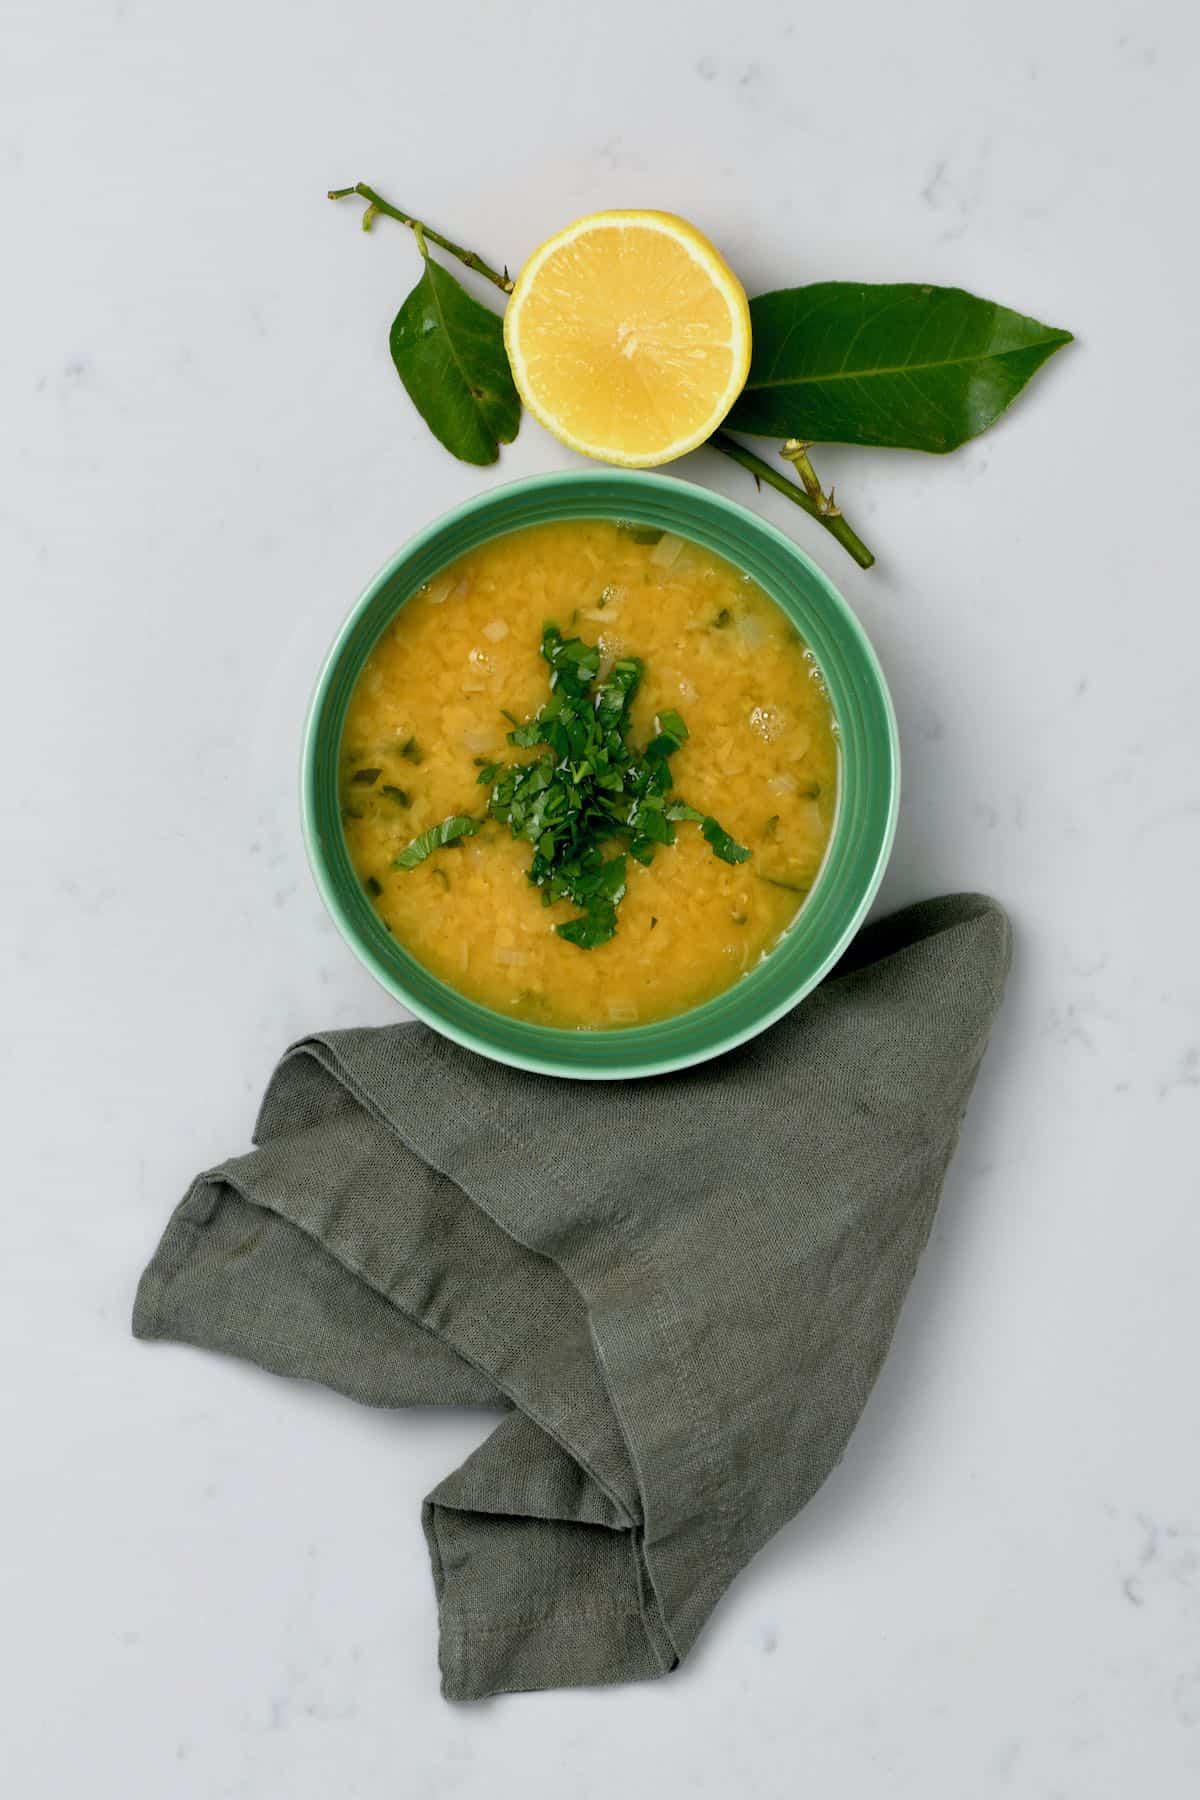 A bowl with lentil soup